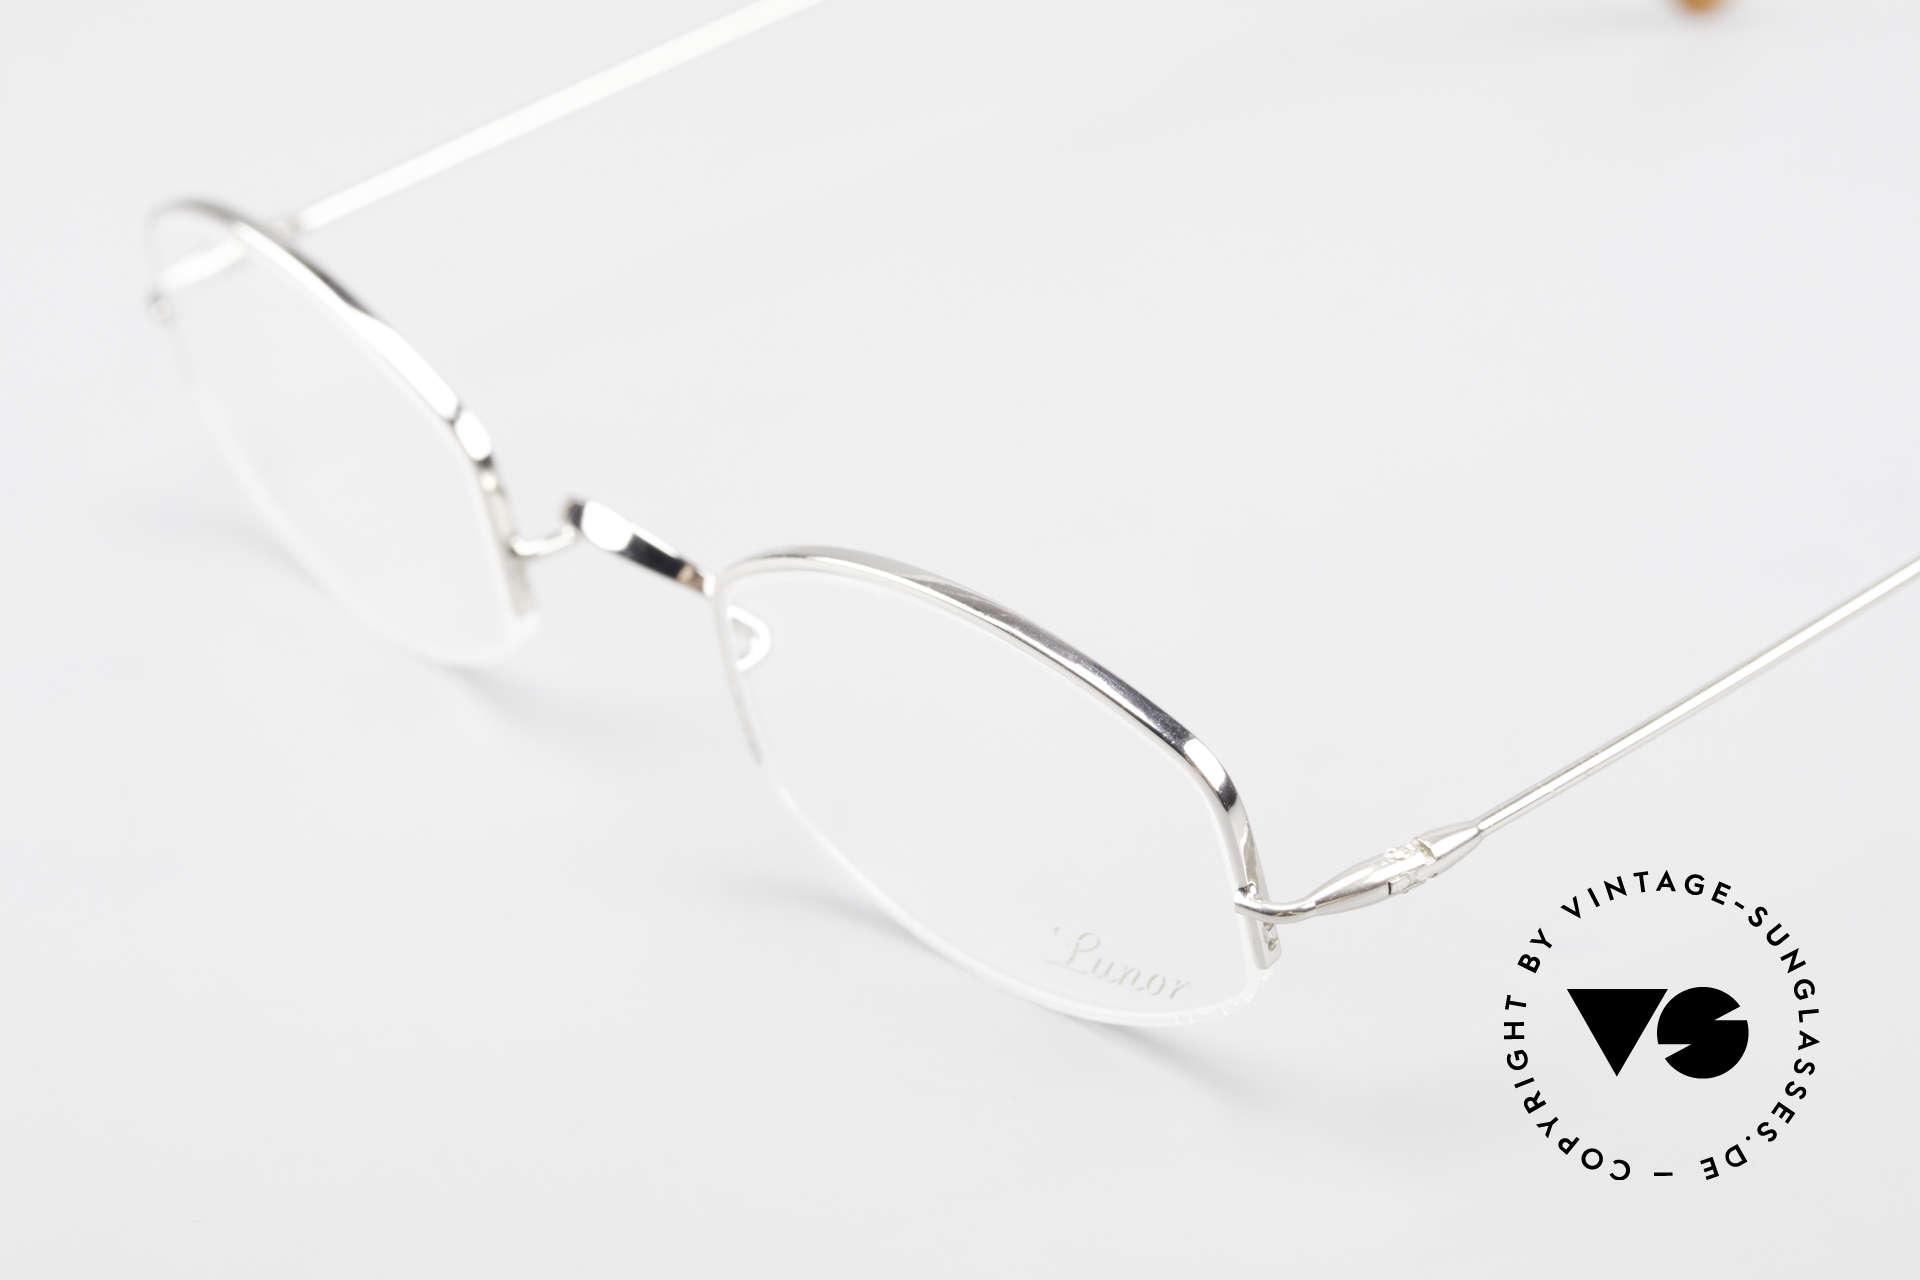 Lunor Classic Halb Randlose Vintage Brille, bekannt für den W-Steg und die schlichten Formen, Passend für Herren und Damen